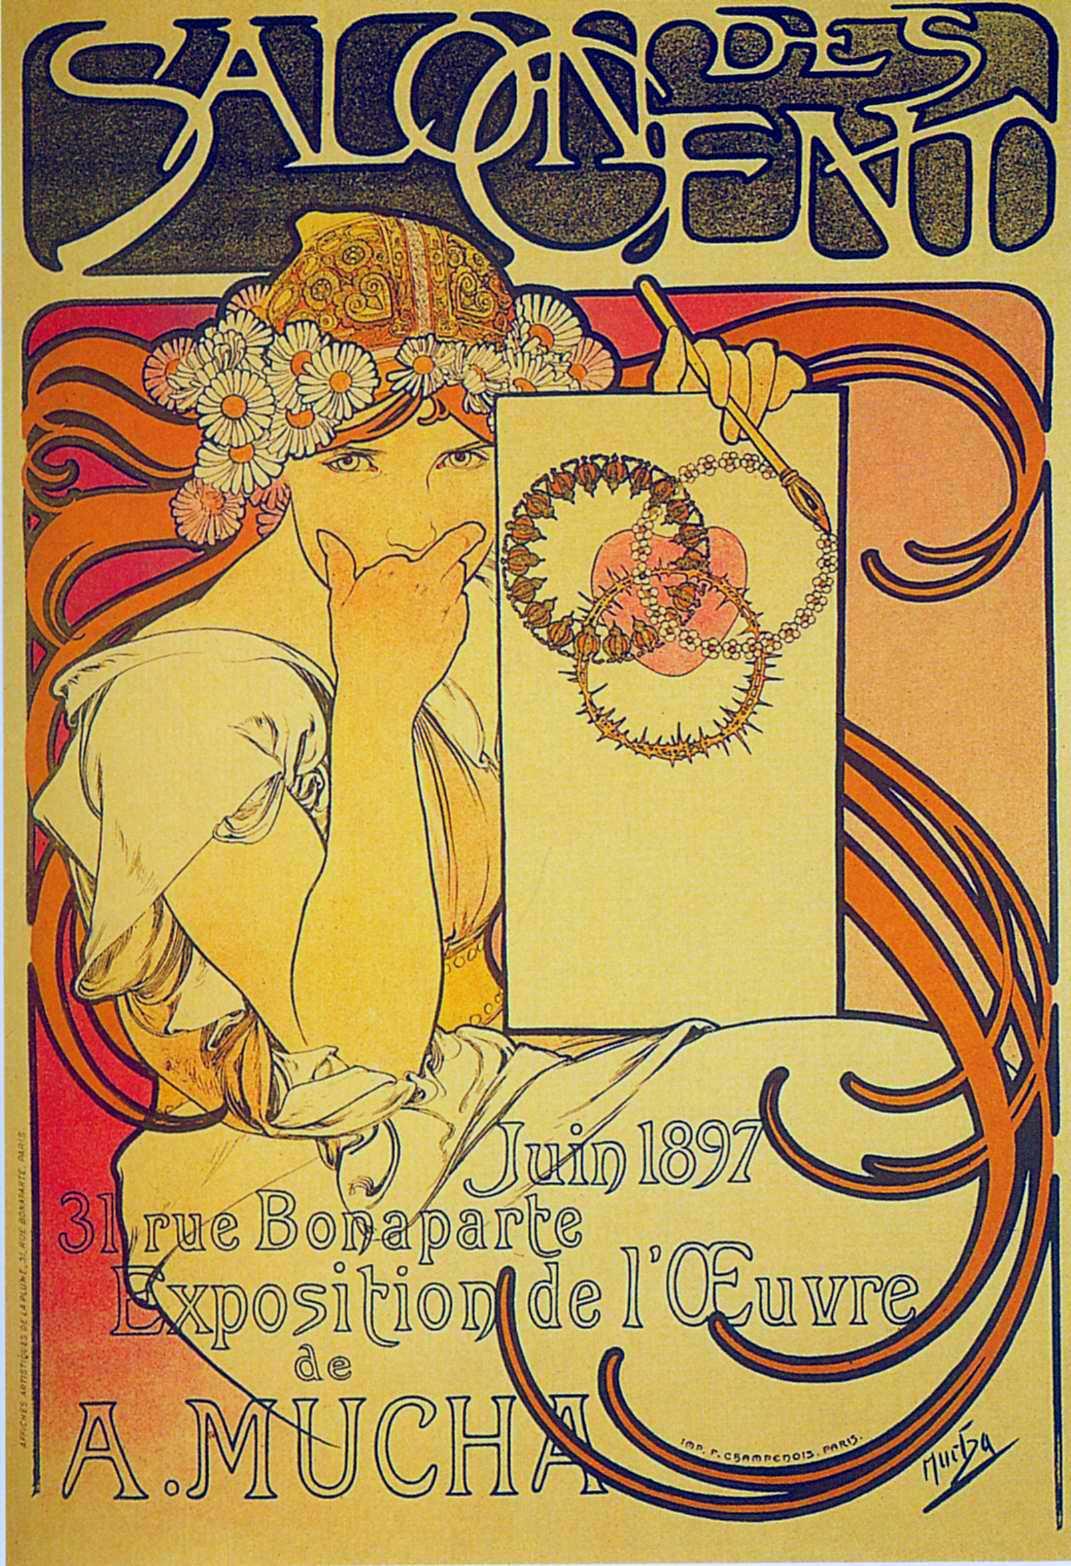 Афиша выставки работ А.Мухи в 'Салоне ста'-1897